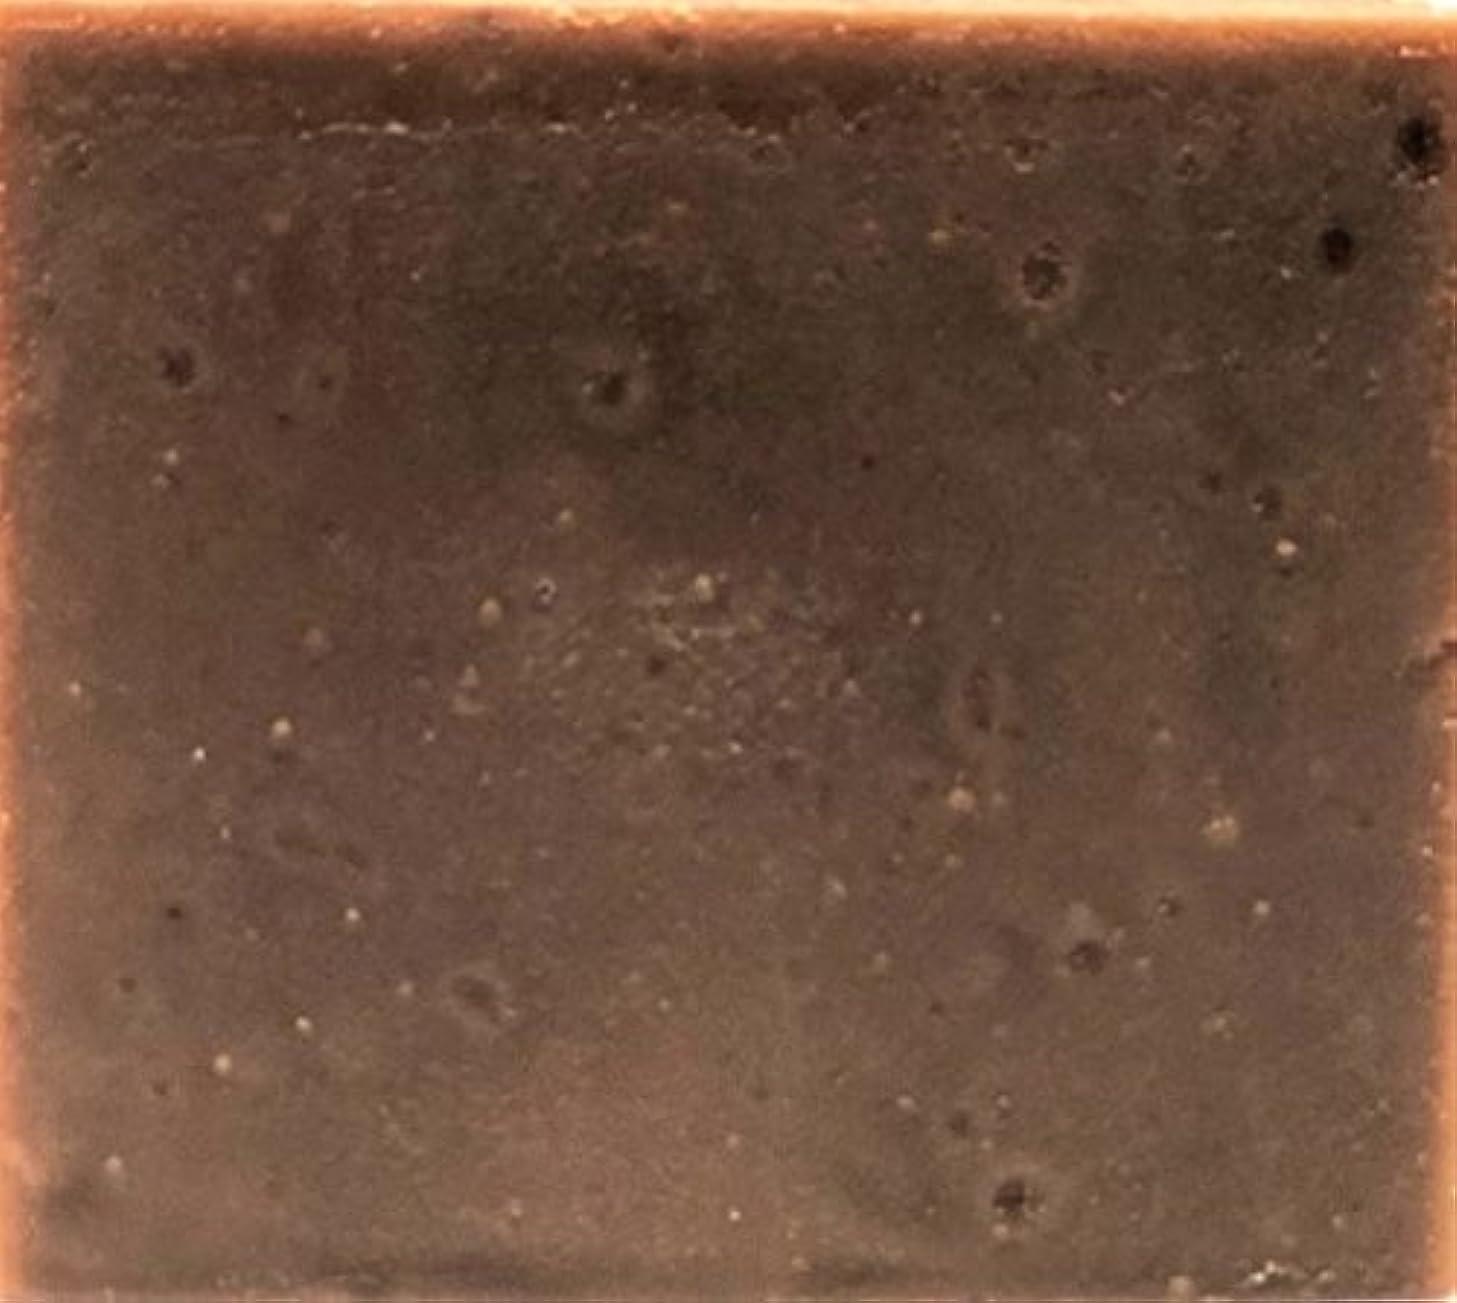 取り出す運営熱篠山石鹸 ラベンダー 90g 自家製ハーブを使い、コールドプロセス製法で作った手作り石けん